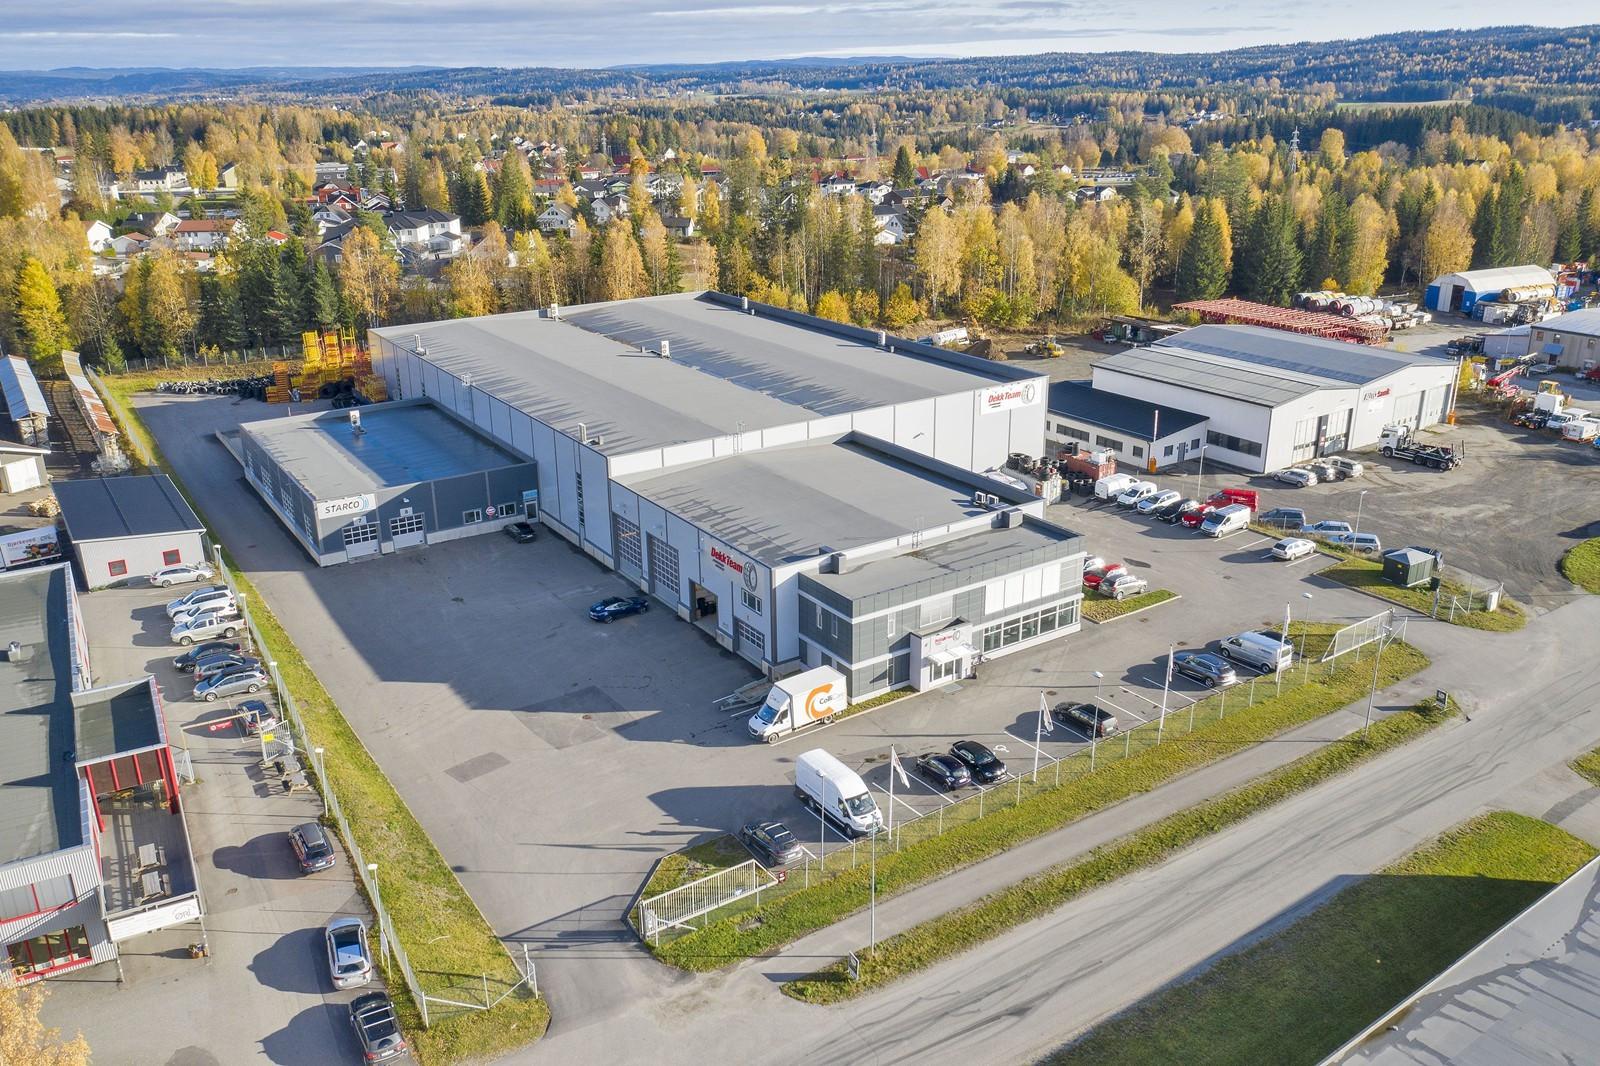 Moderne lager og kontor, samt utearealer for adkomst, parkering og lagering.